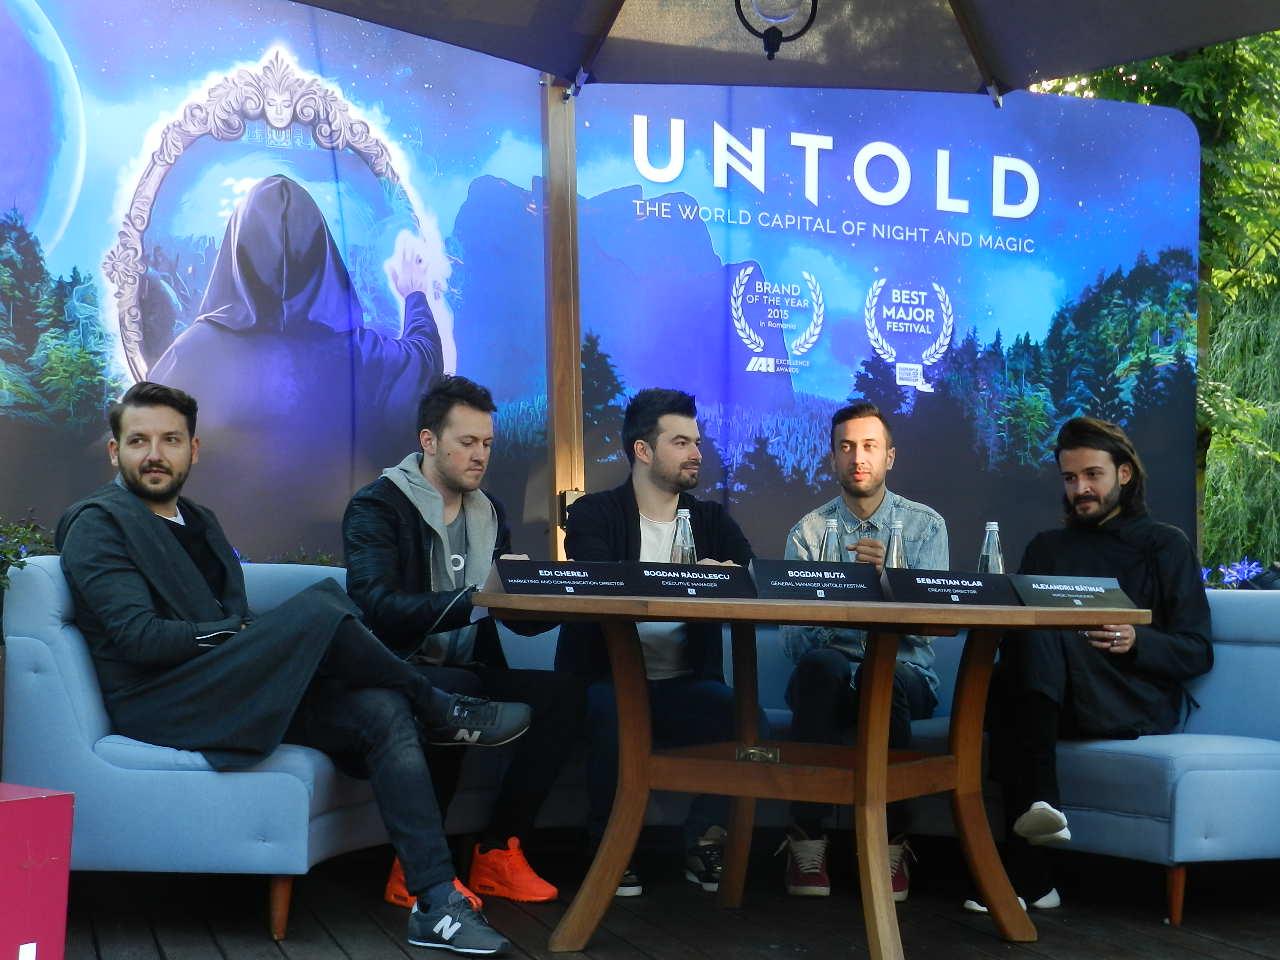 Untold devine anul acesta Capitala Mondială a Nopții și Magiei! Organizatorii își propun să creeze un întreg Univers Untold în jurul festivalului! Peste 300.000 de participanti asteptati la Cluj in 4-7 august!